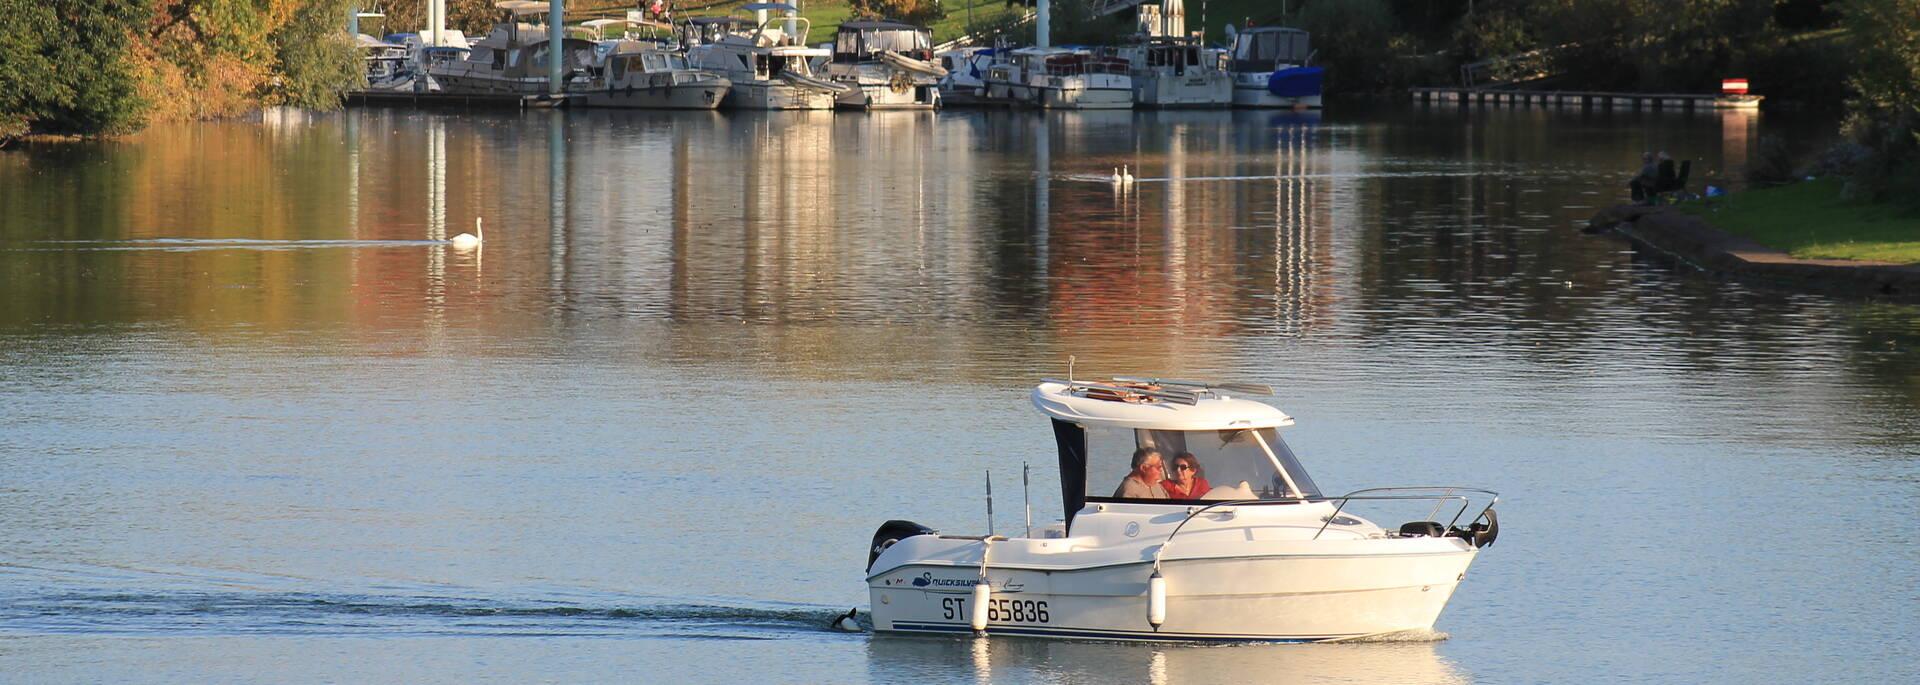 Navigation sur la Saône dans le centre de Chalon sur Saône